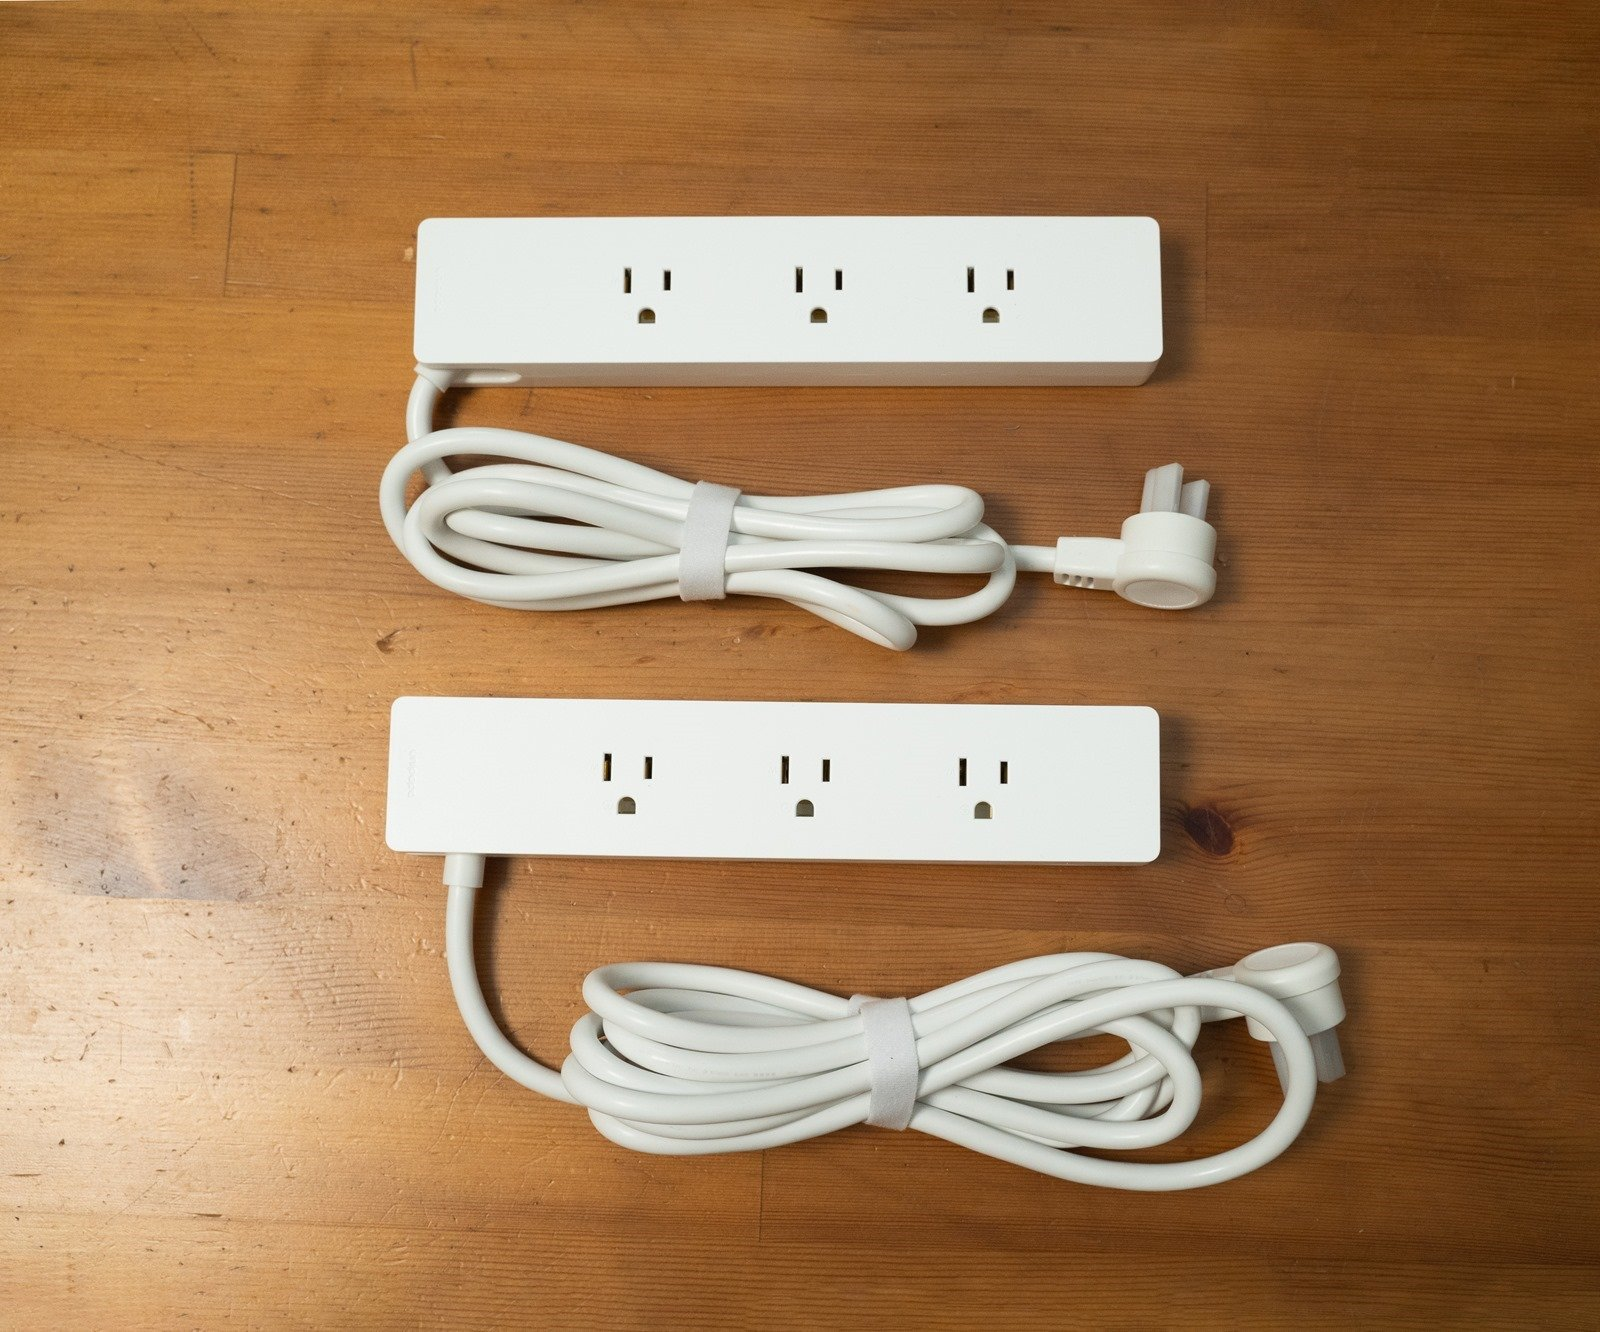 開箱!Unipapa 有序延長線,加大孔距、充電頭不干擾,多一點設計生活井然有序 @3C 達人廖阿輝